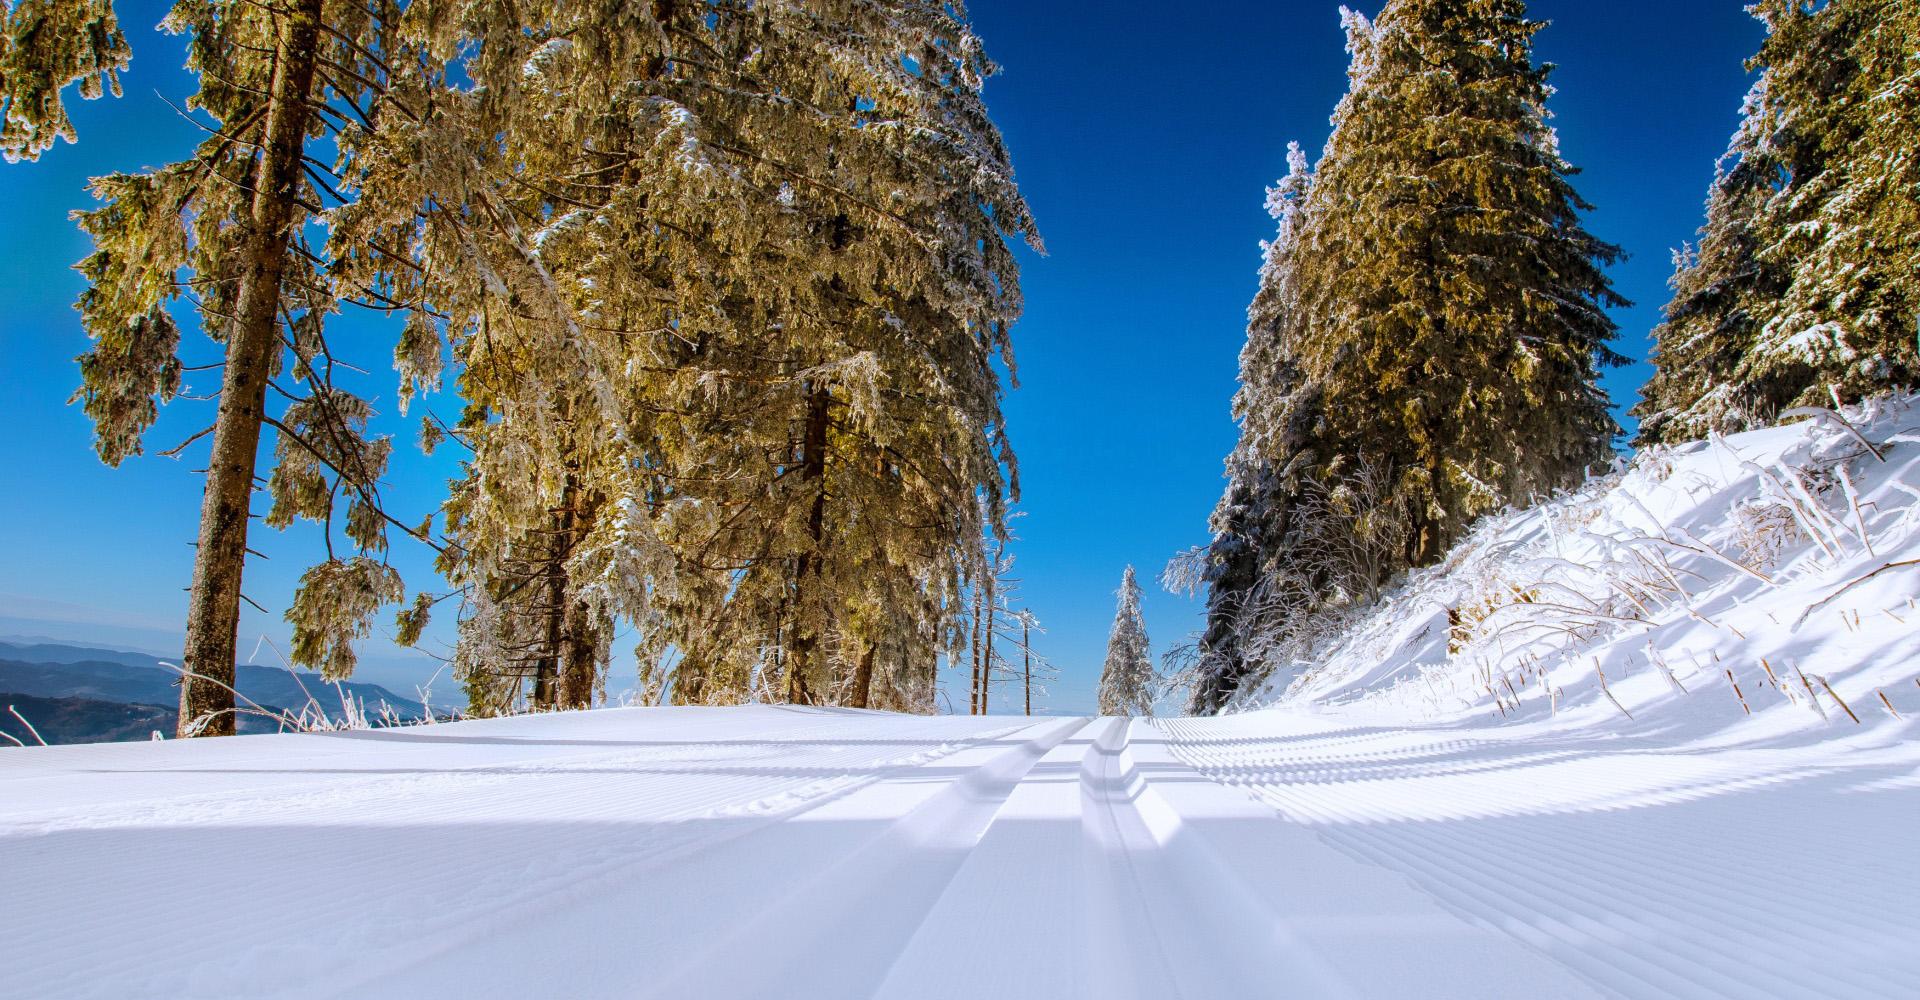 paisaje de carreteras nevadas en invierno Nieve